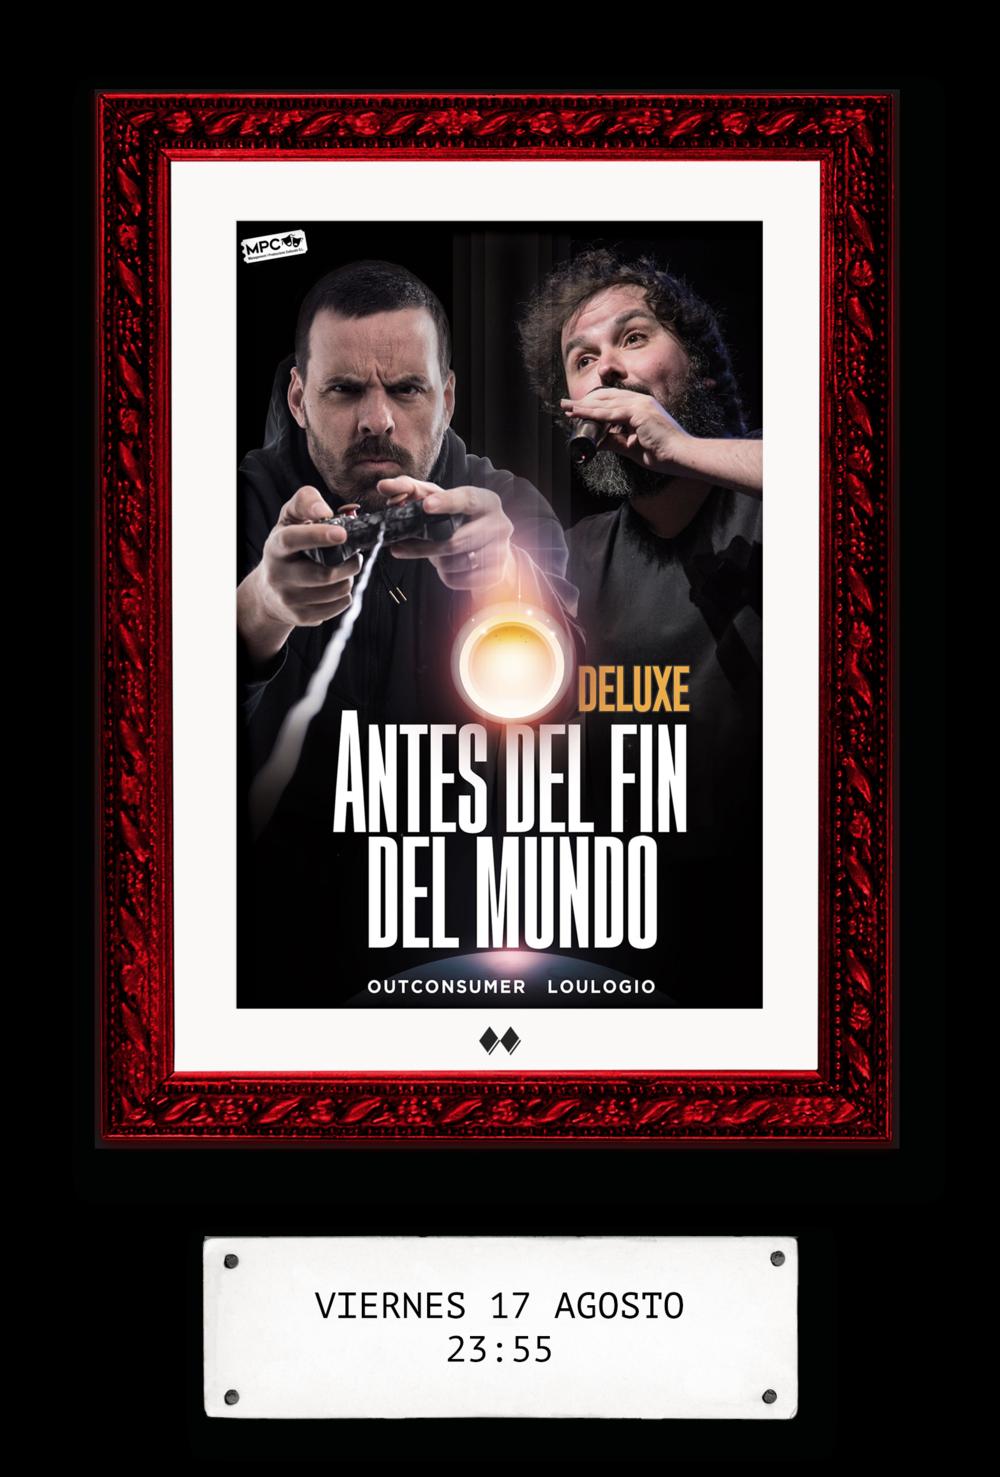 cuadro-comedia-madrid-loulogio-monologo-fin-mundo-outconsumer-españa-teatro-arlequin-gran-via-comprar-entradas.png